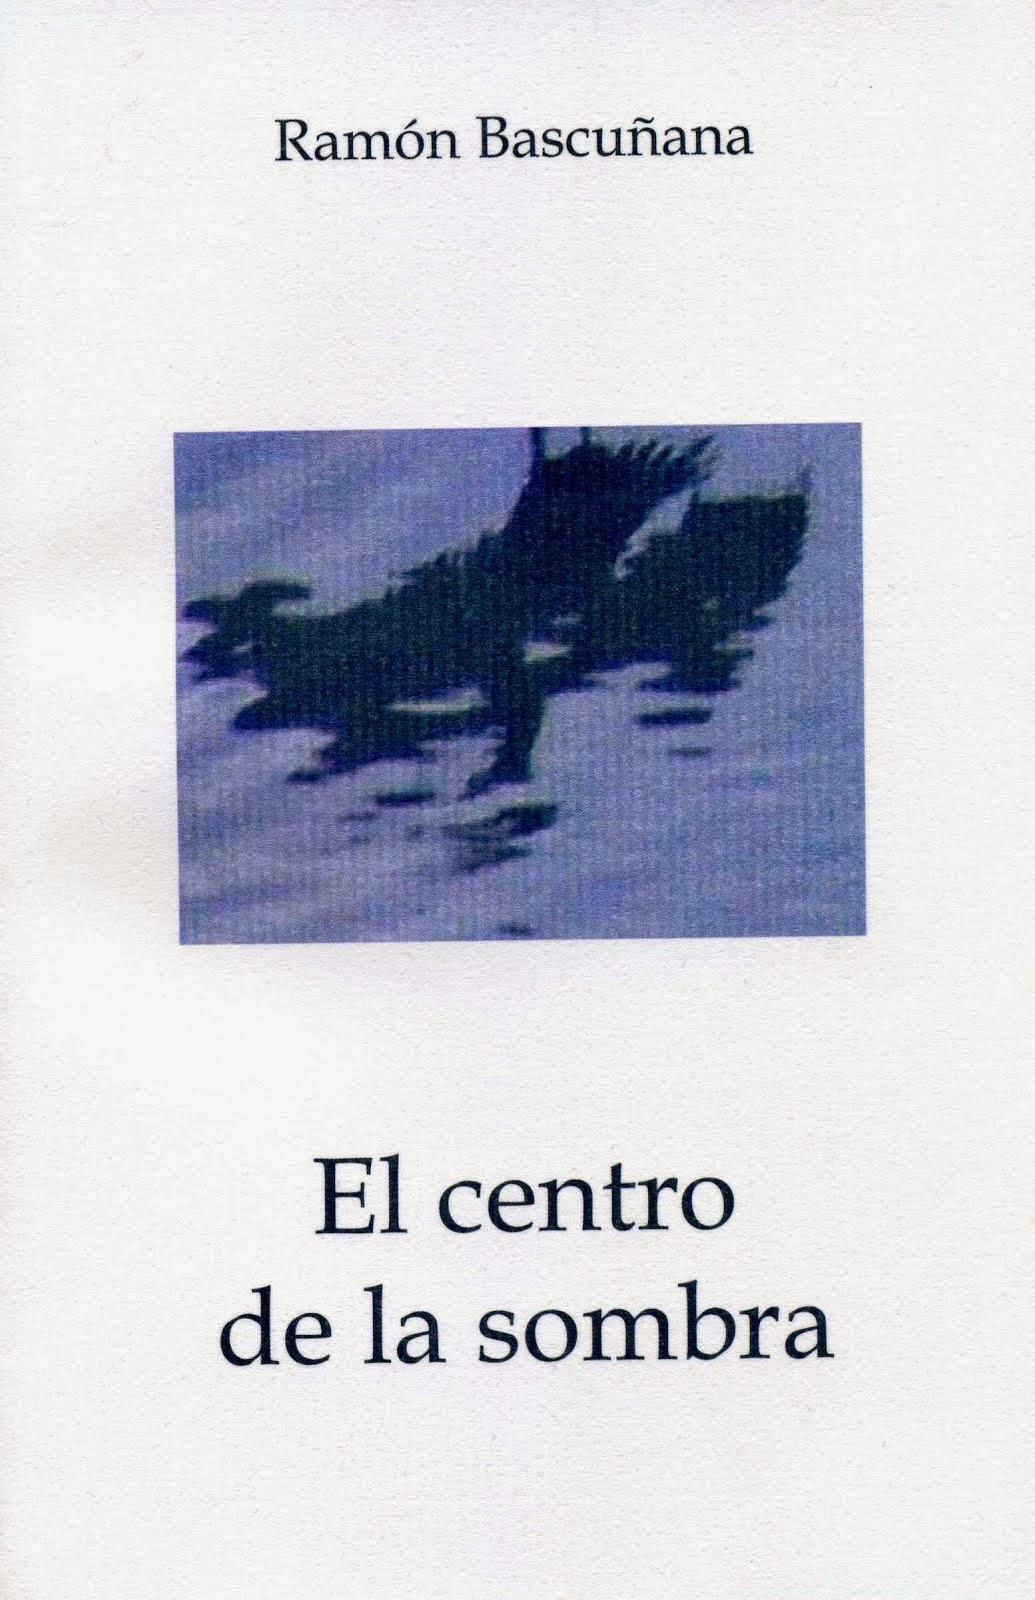 EL CENTRO DE LA SOMBRA [2014]